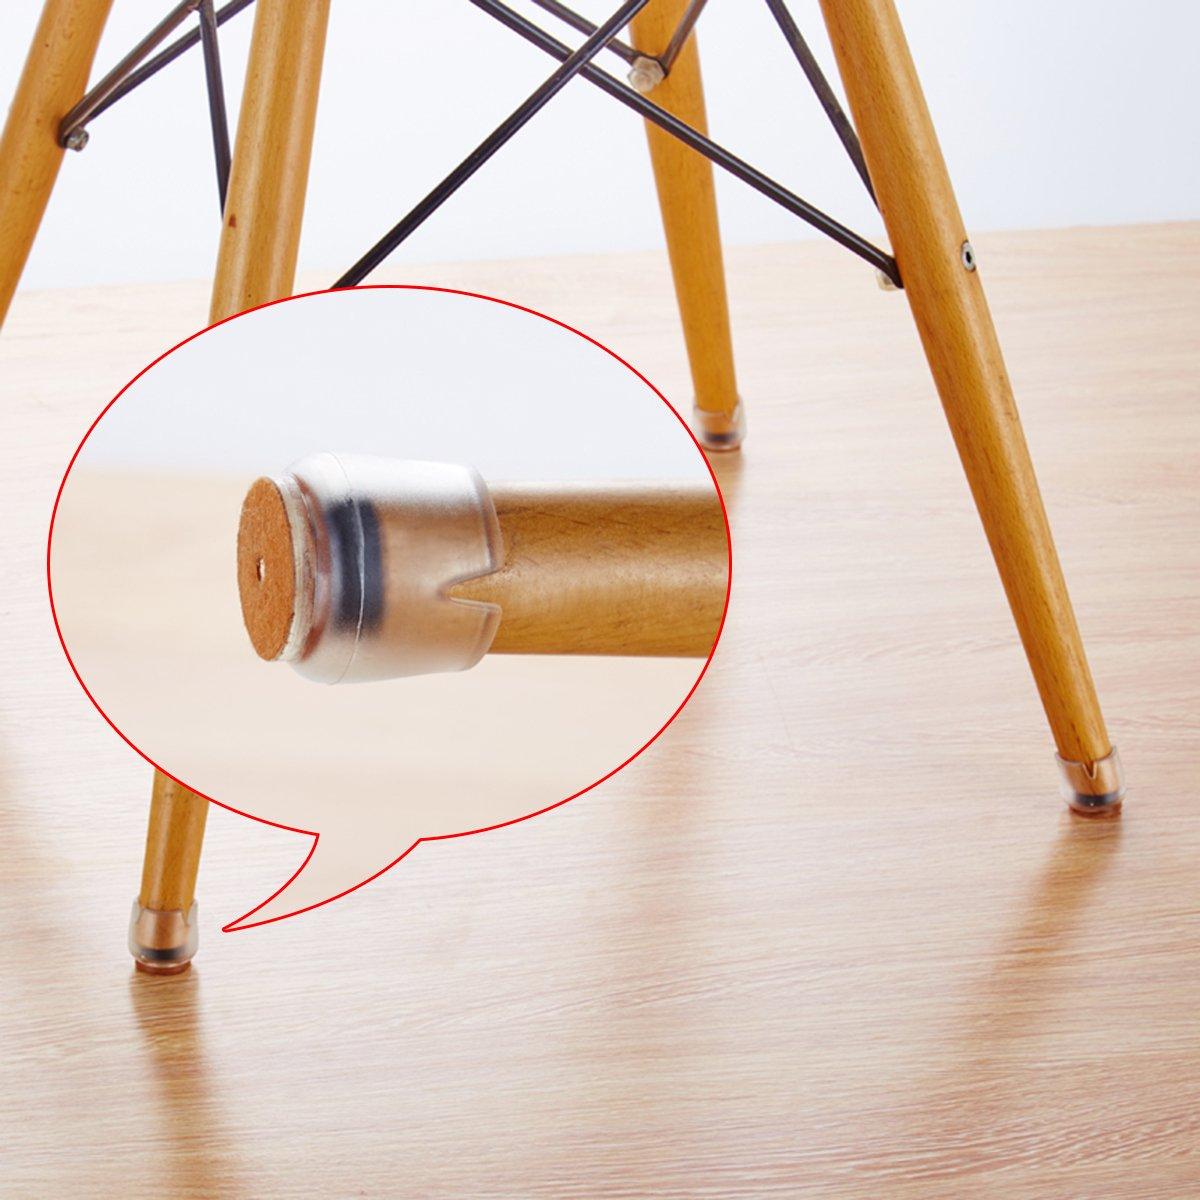 Bodenschoner Tische Stuhlf/ü/ße und Stuhlf/ü/ße rund aus Silikon f/ür M/öbel